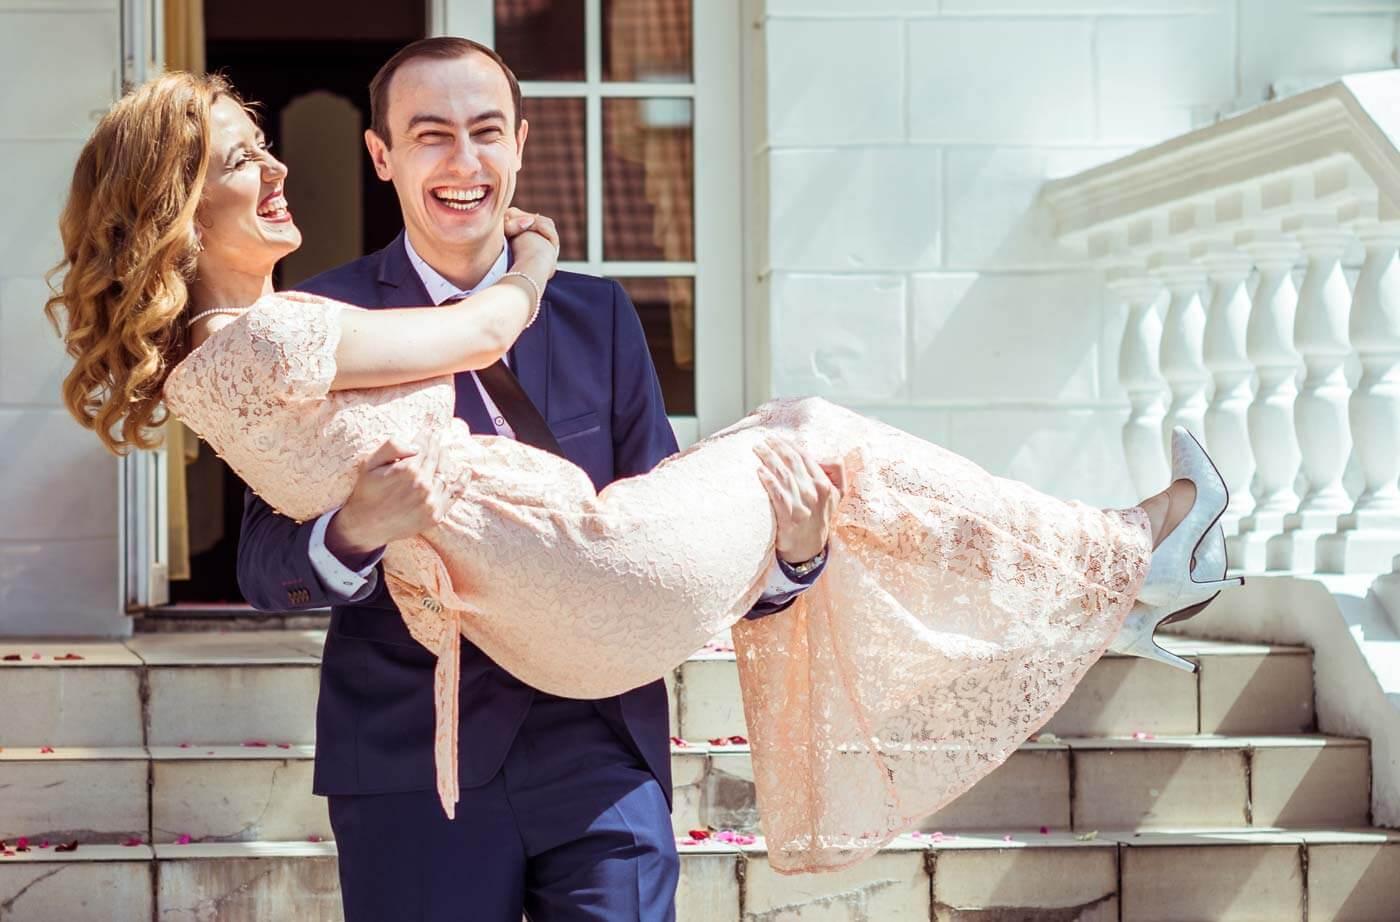 Hochzeitsspiele und Überraschungen nach dem Standesamt